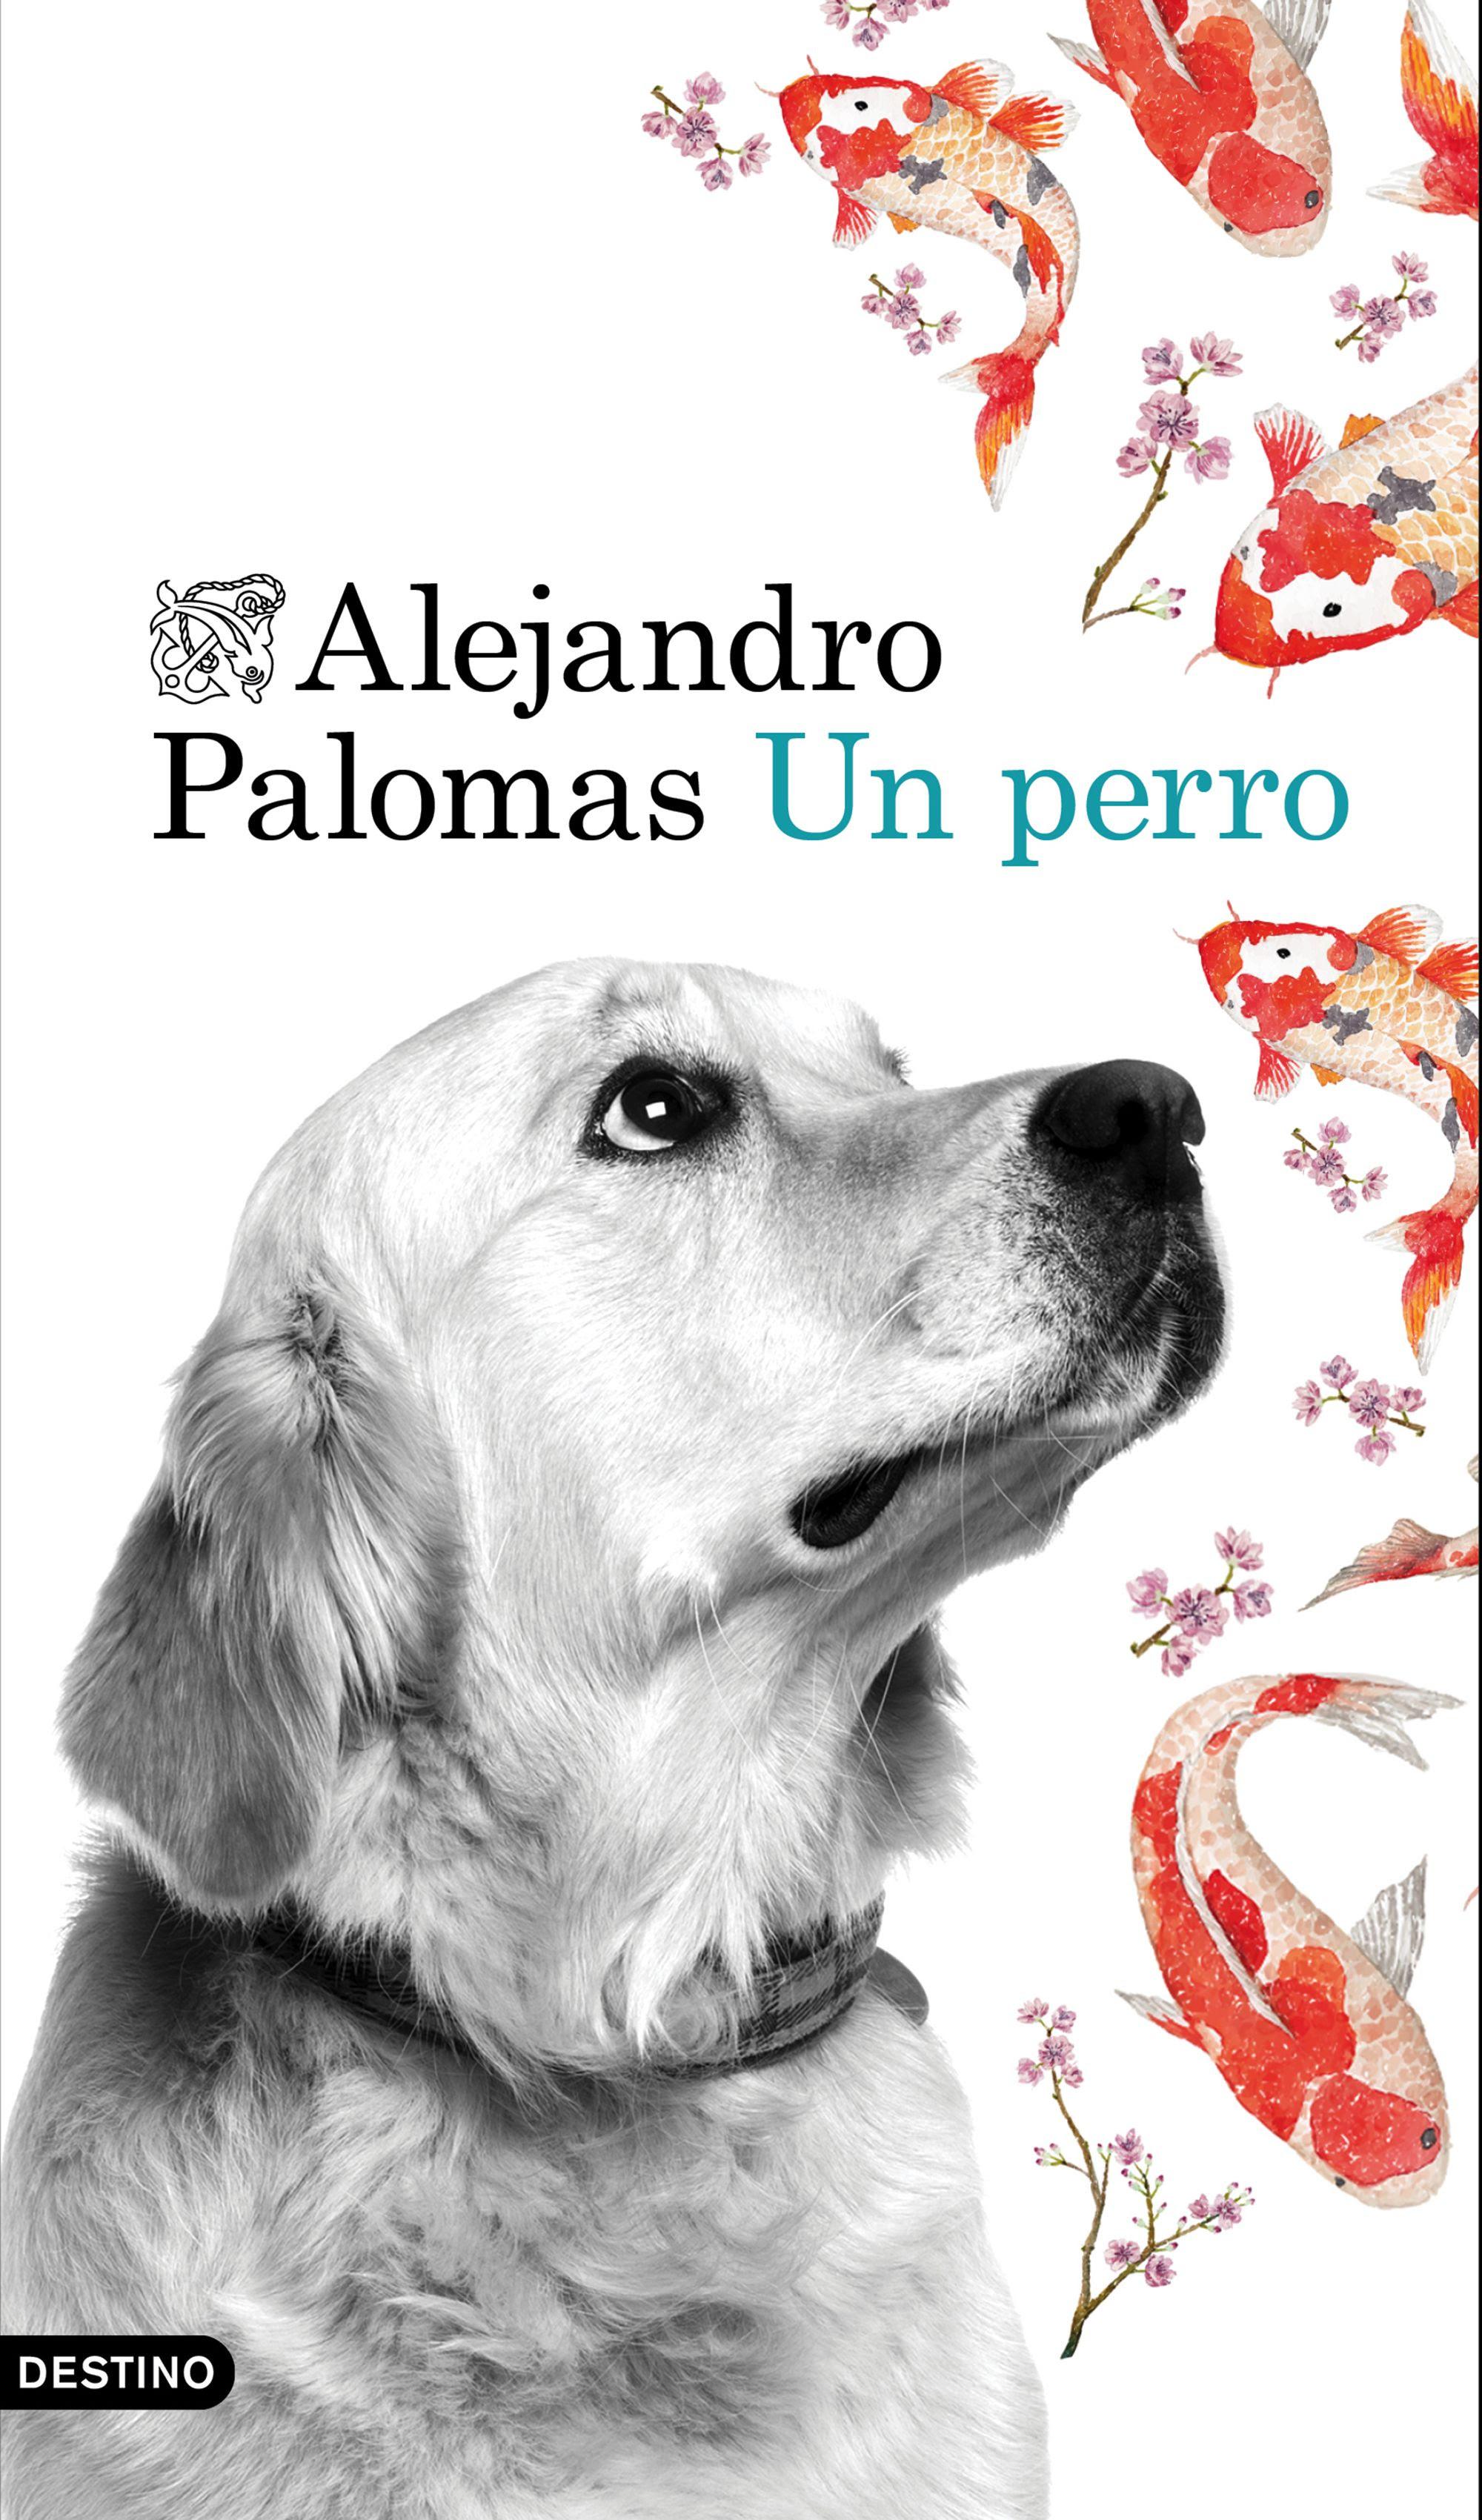 Un perro, Alejandro Palomas